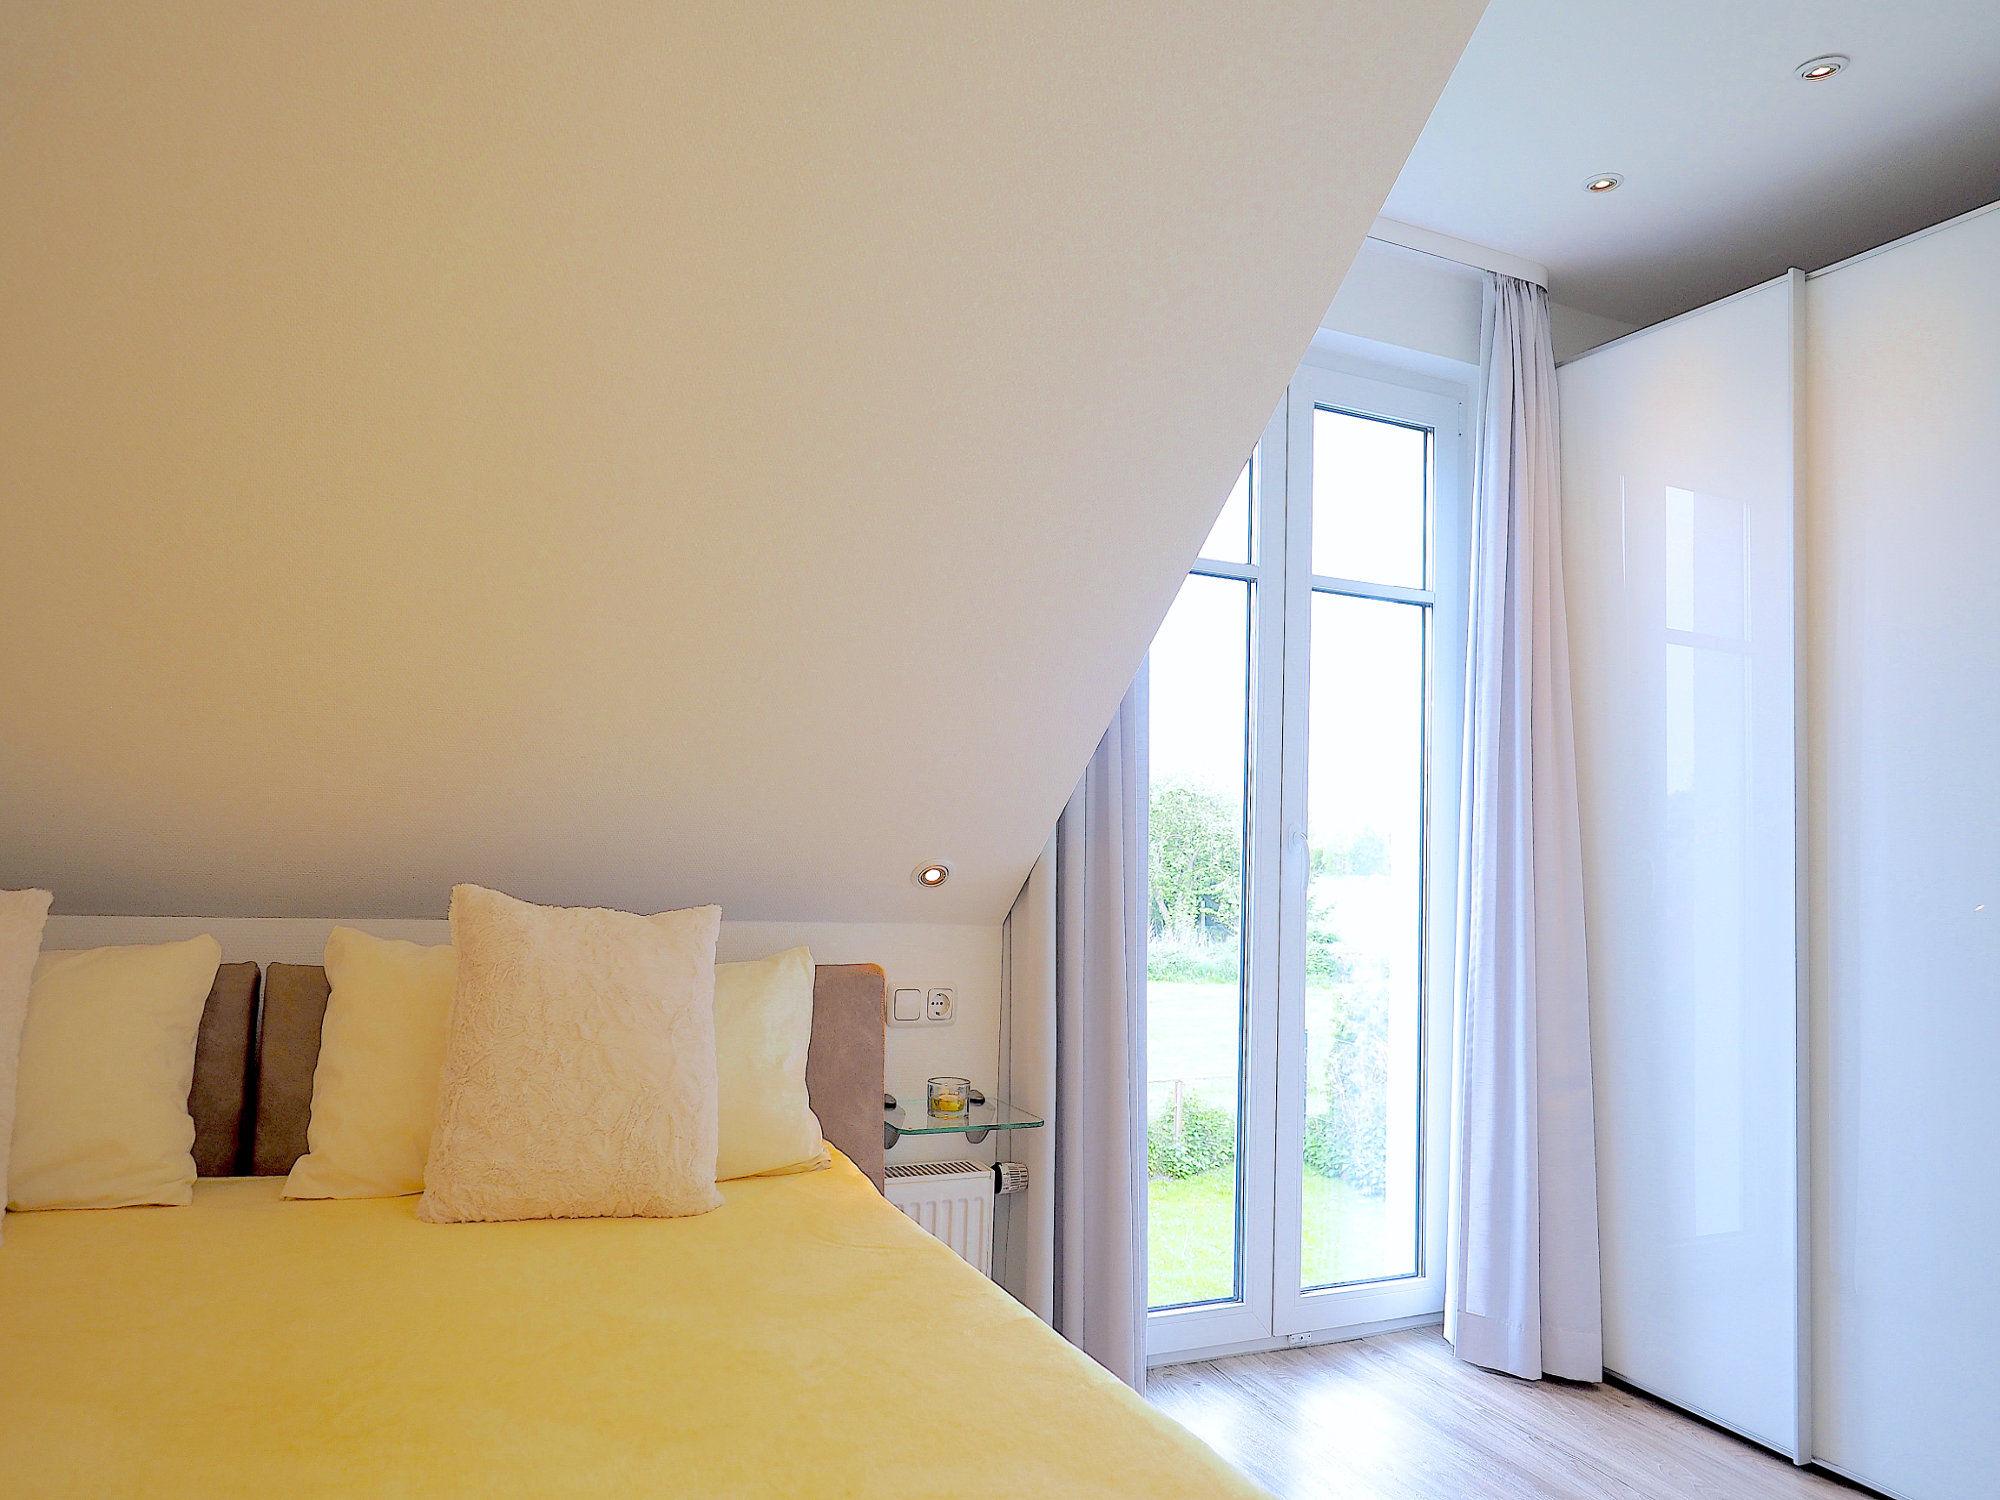 Zweites Schlafzimmer mit Doppelbett und einem bodentiefen Fenster, rechts davon ein Kleiderschrank